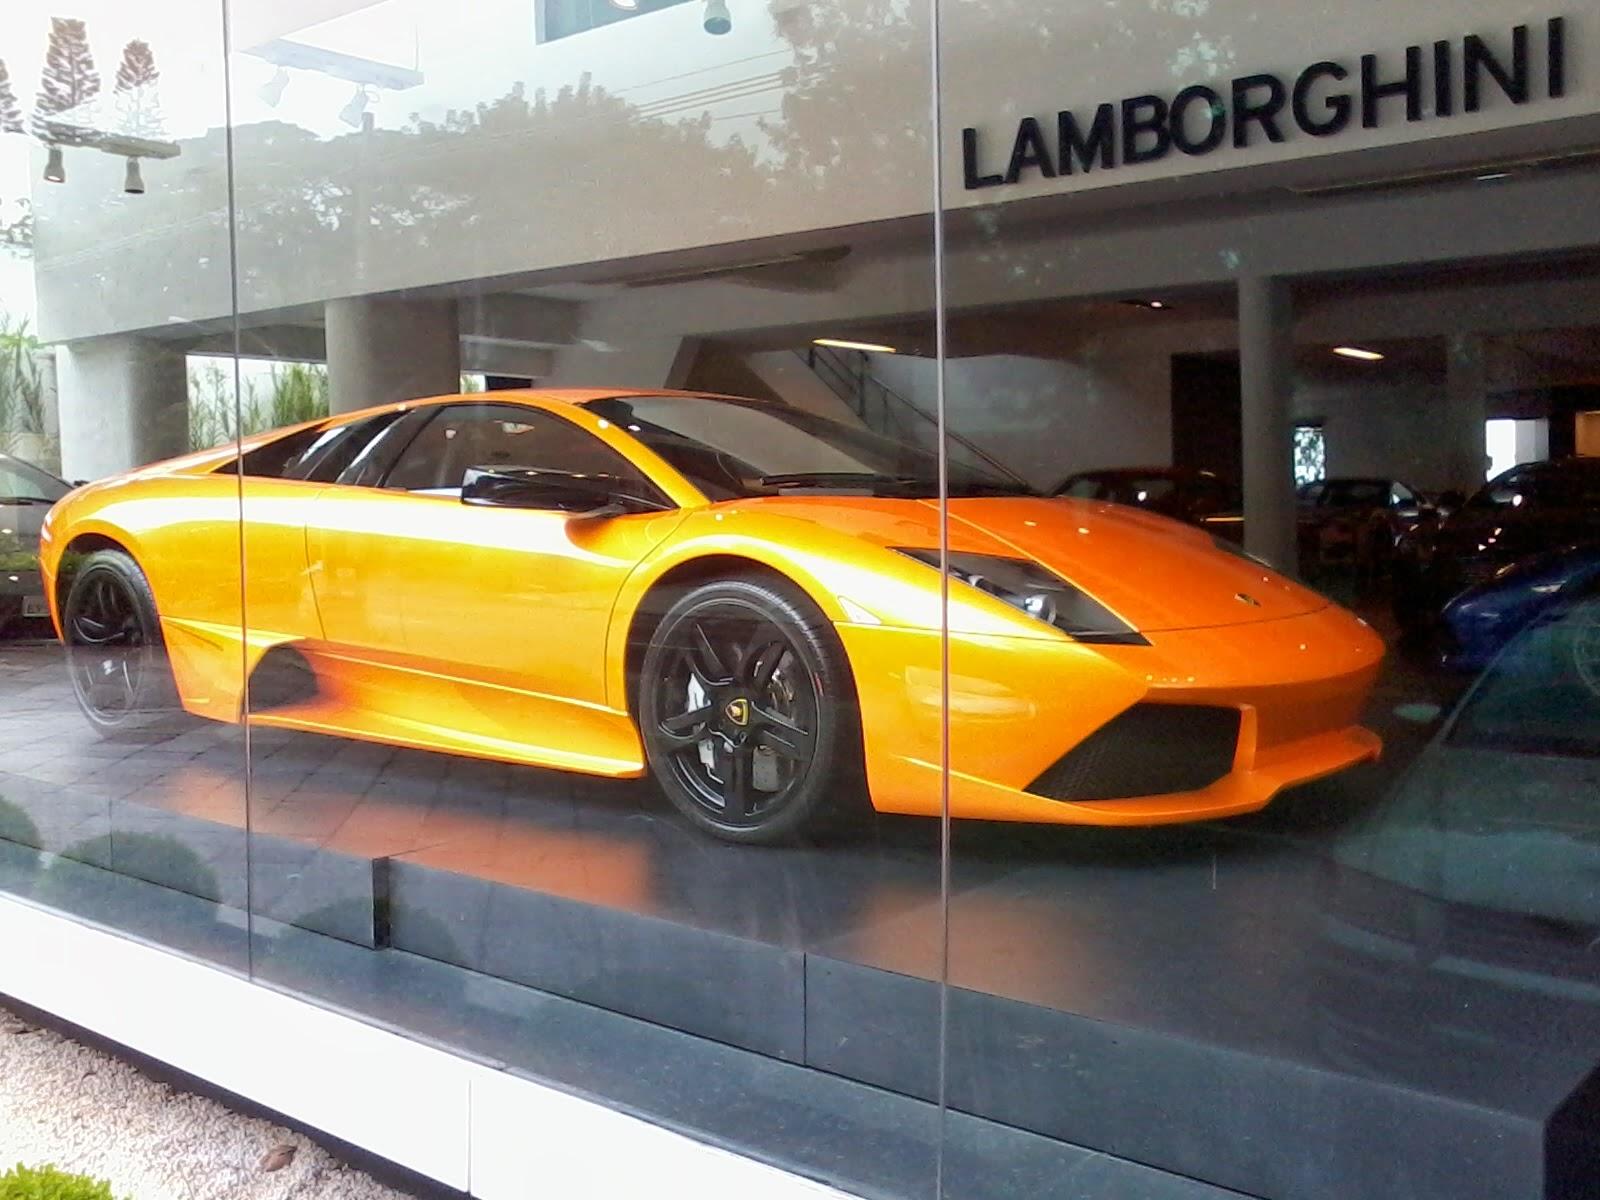 Photoshoot: Lamborghini Murcielago LP640